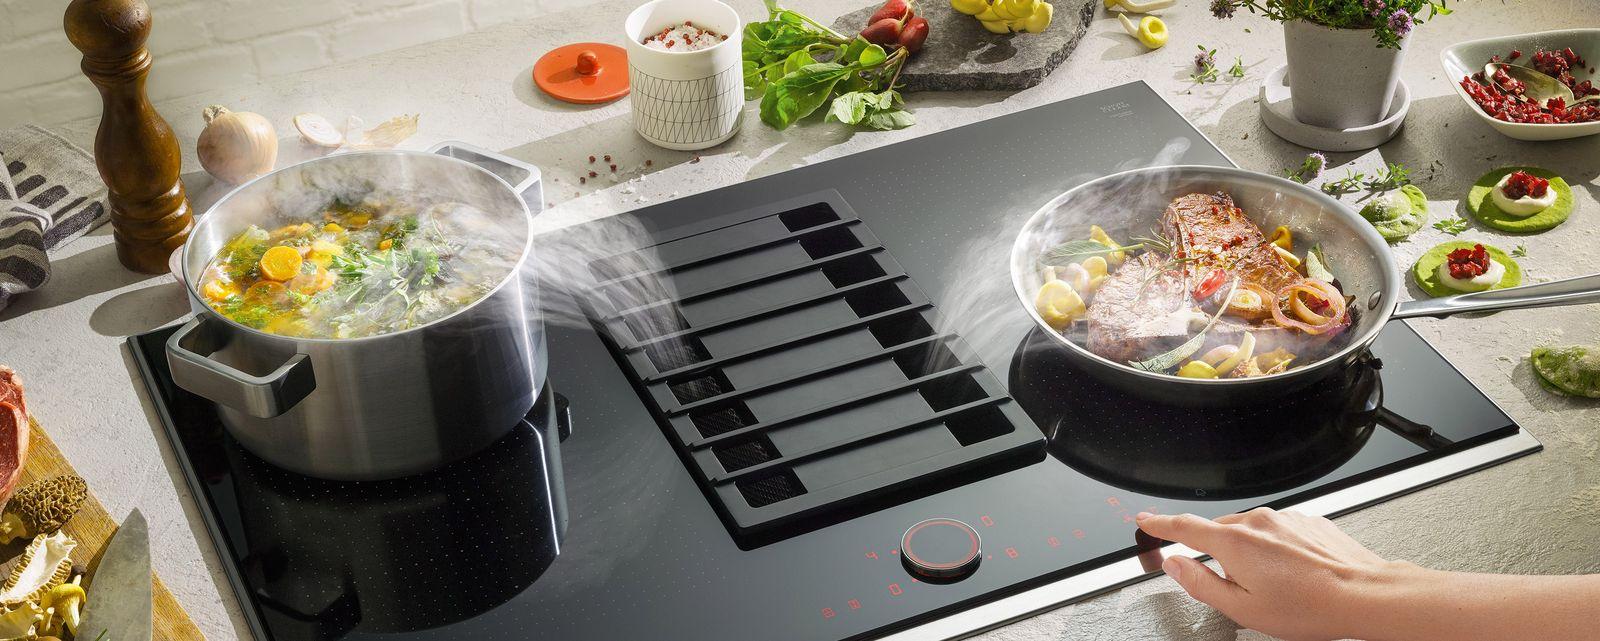 Neff inductiekookplaat met flexinductie en afzuiging in de kookplaat #keuken #koken #inductie #modernekeuken #neff #kookplaat